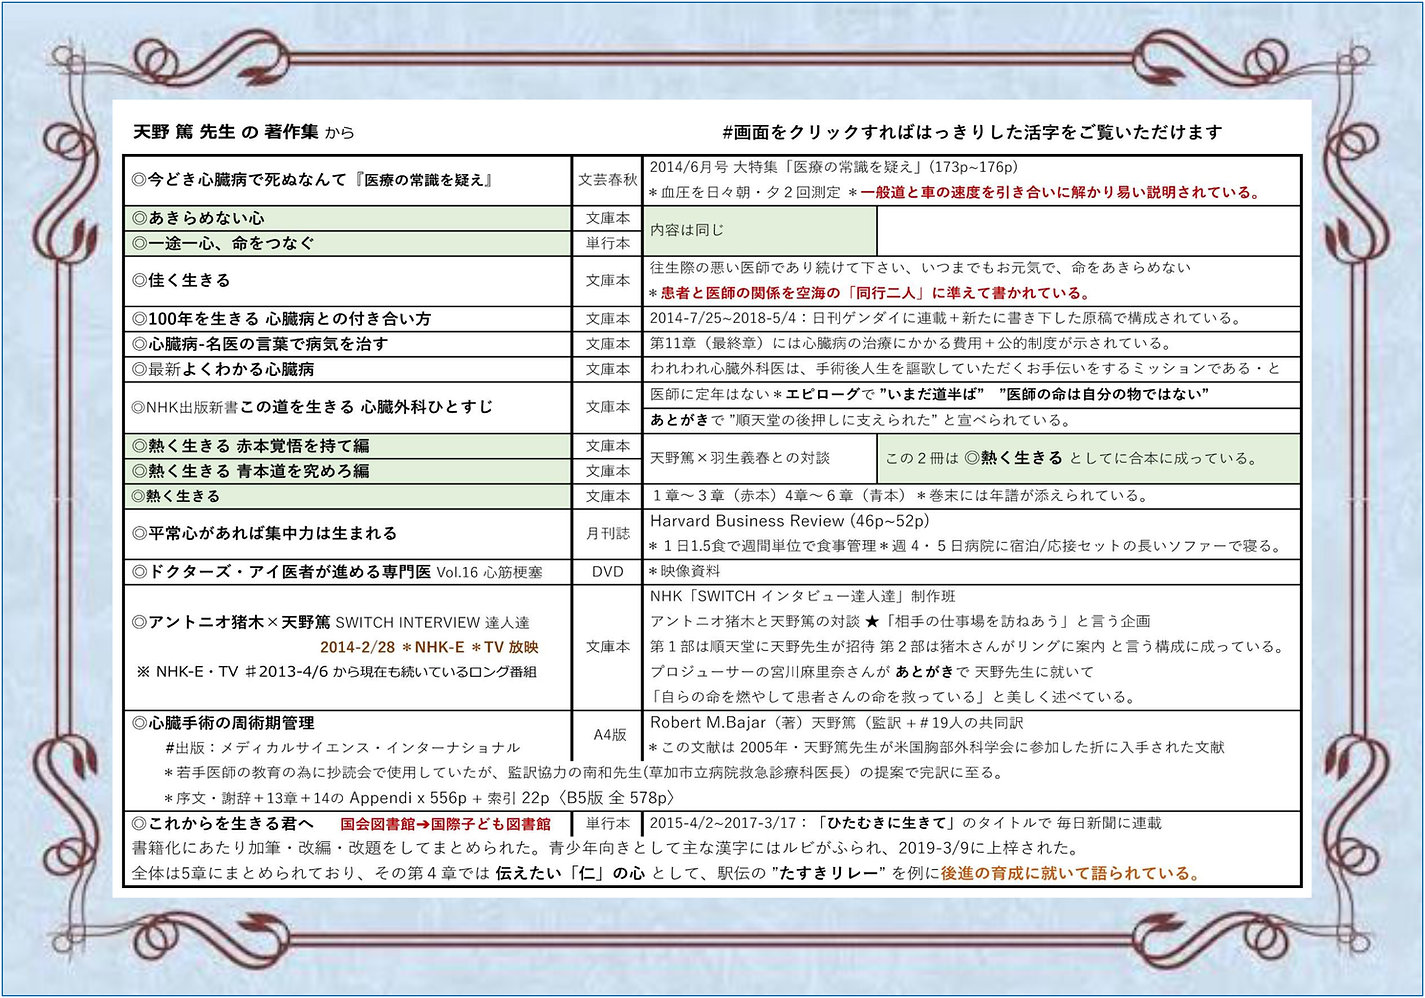 天野篤:著作集 *台紙付き.jpg